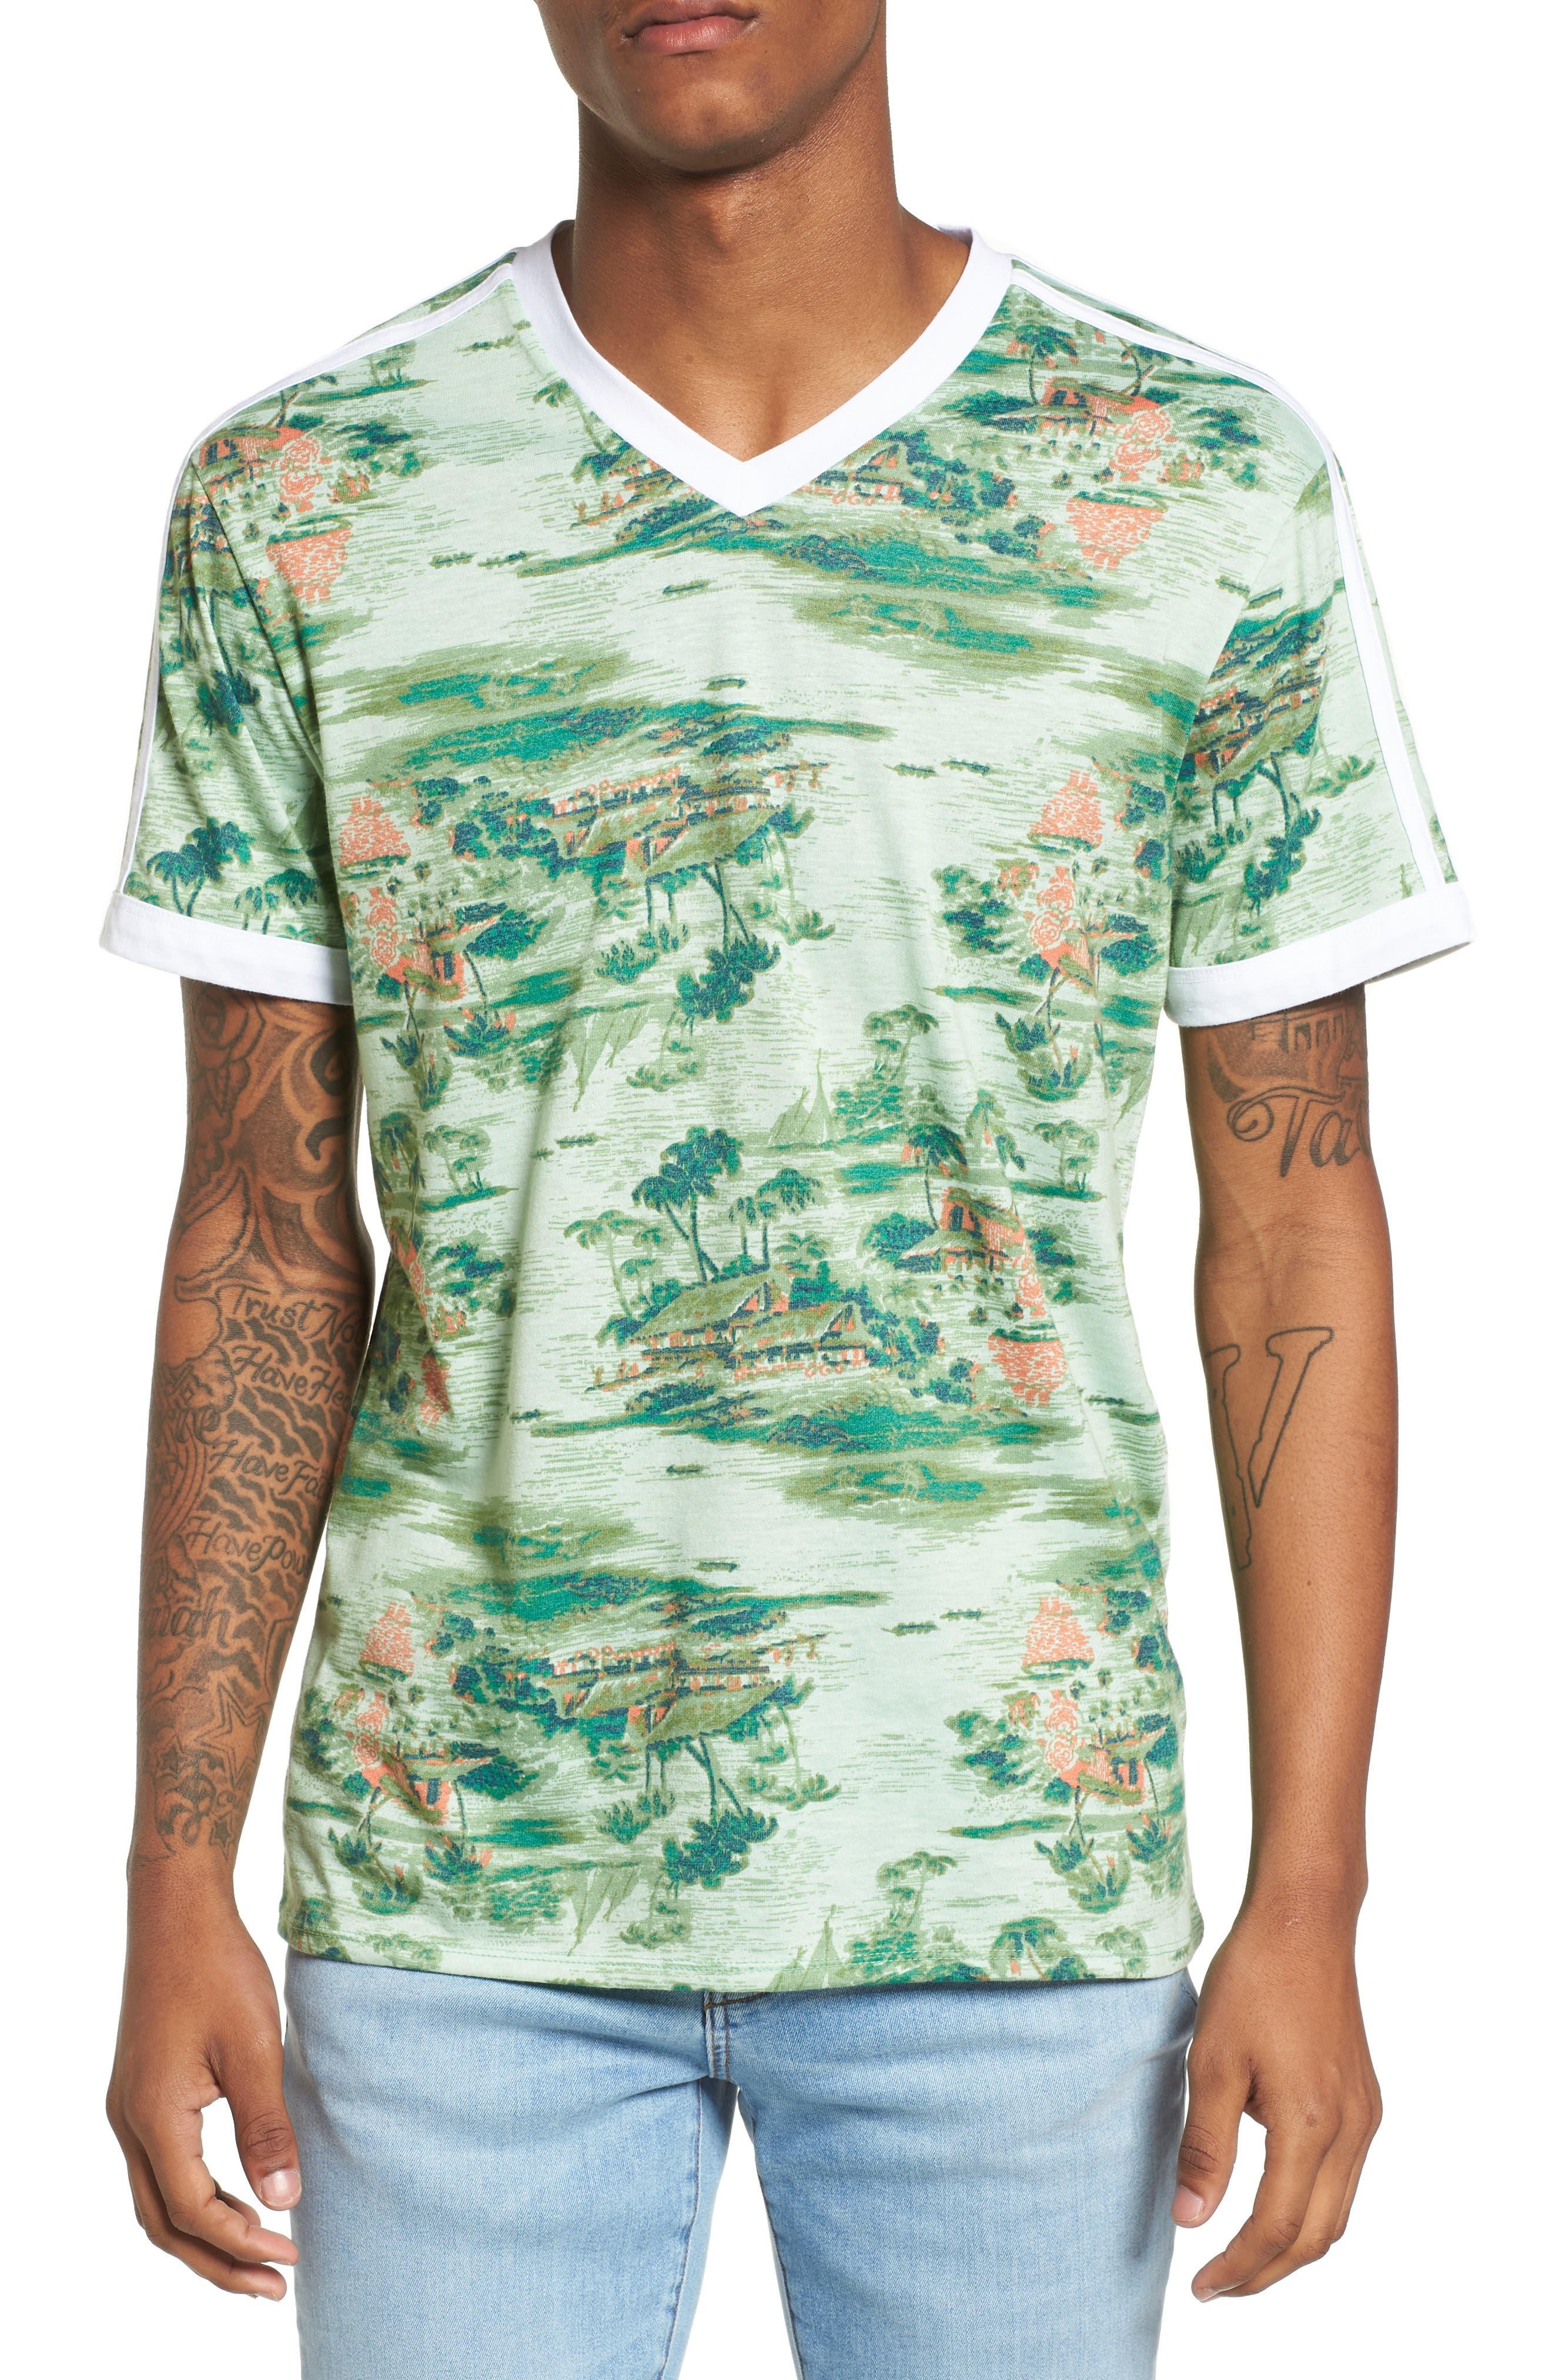 The Rail Print V-Neck T-Shirt